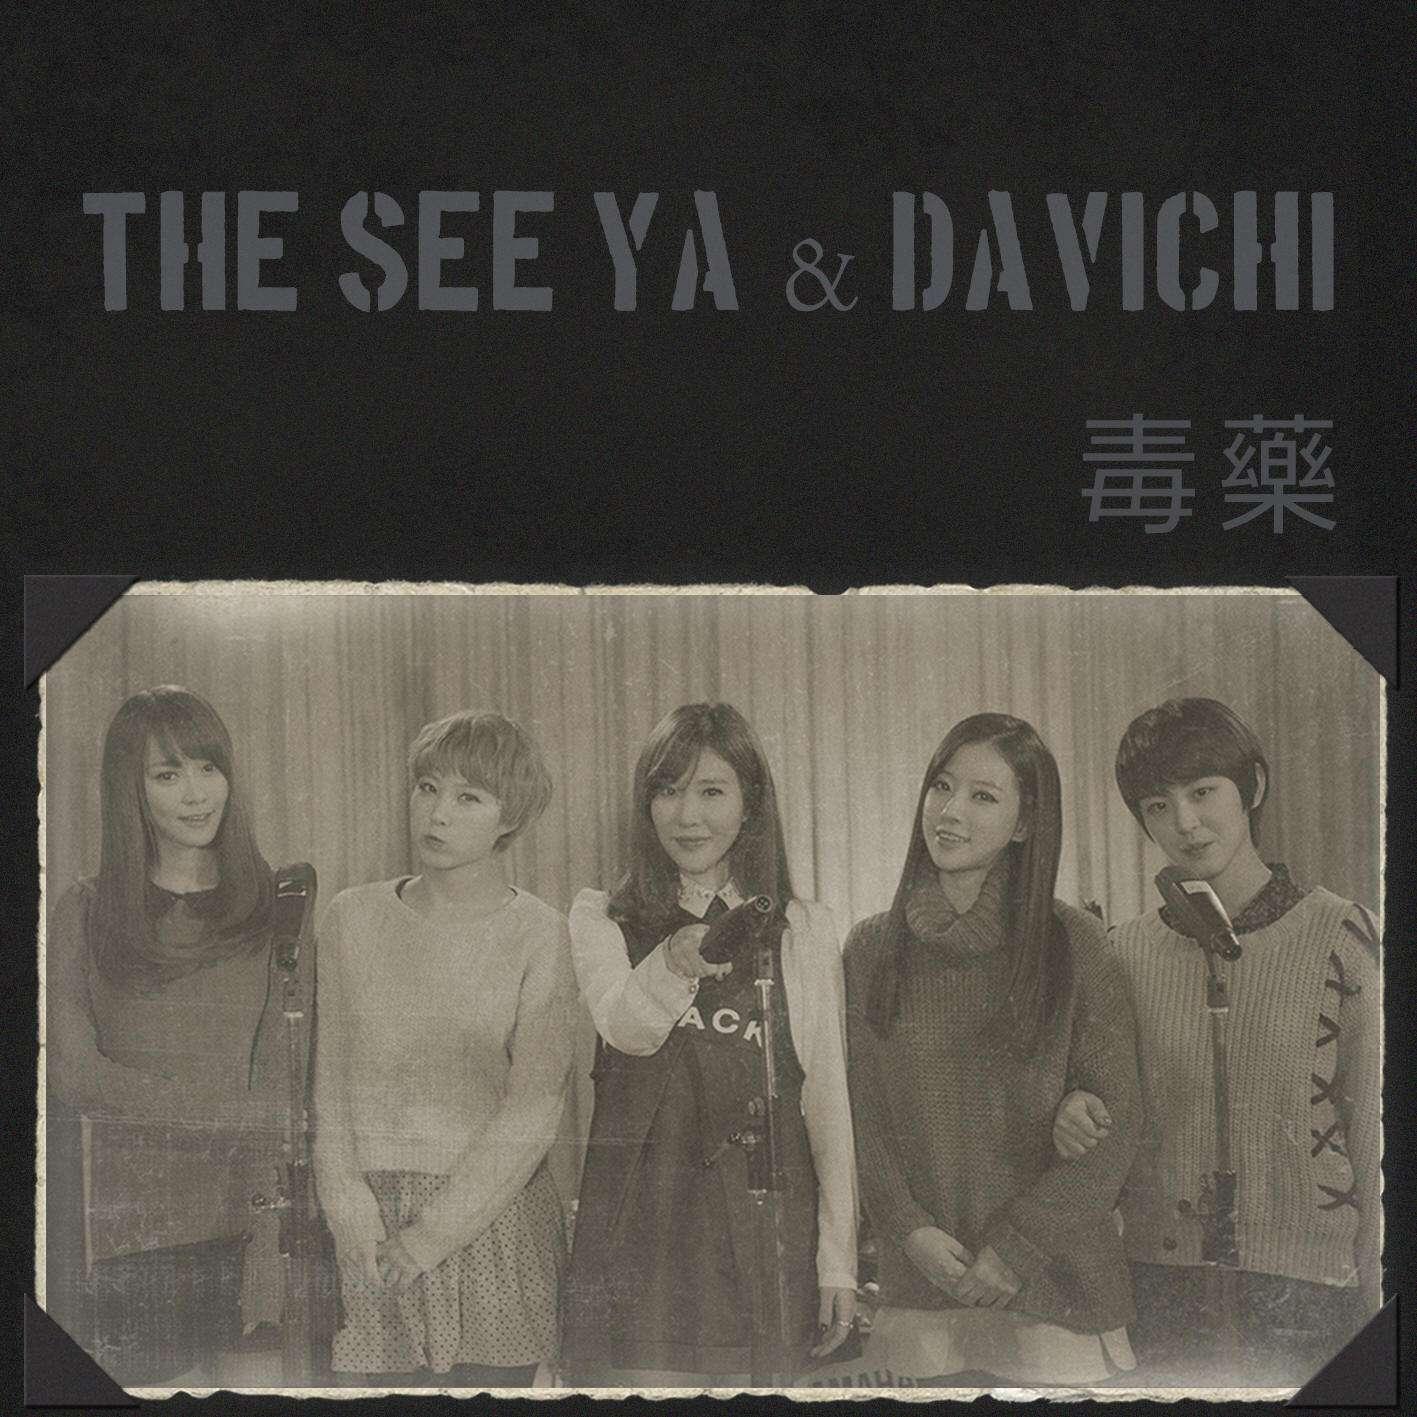 [Mini Album] The Seeya & Davichi - Love U